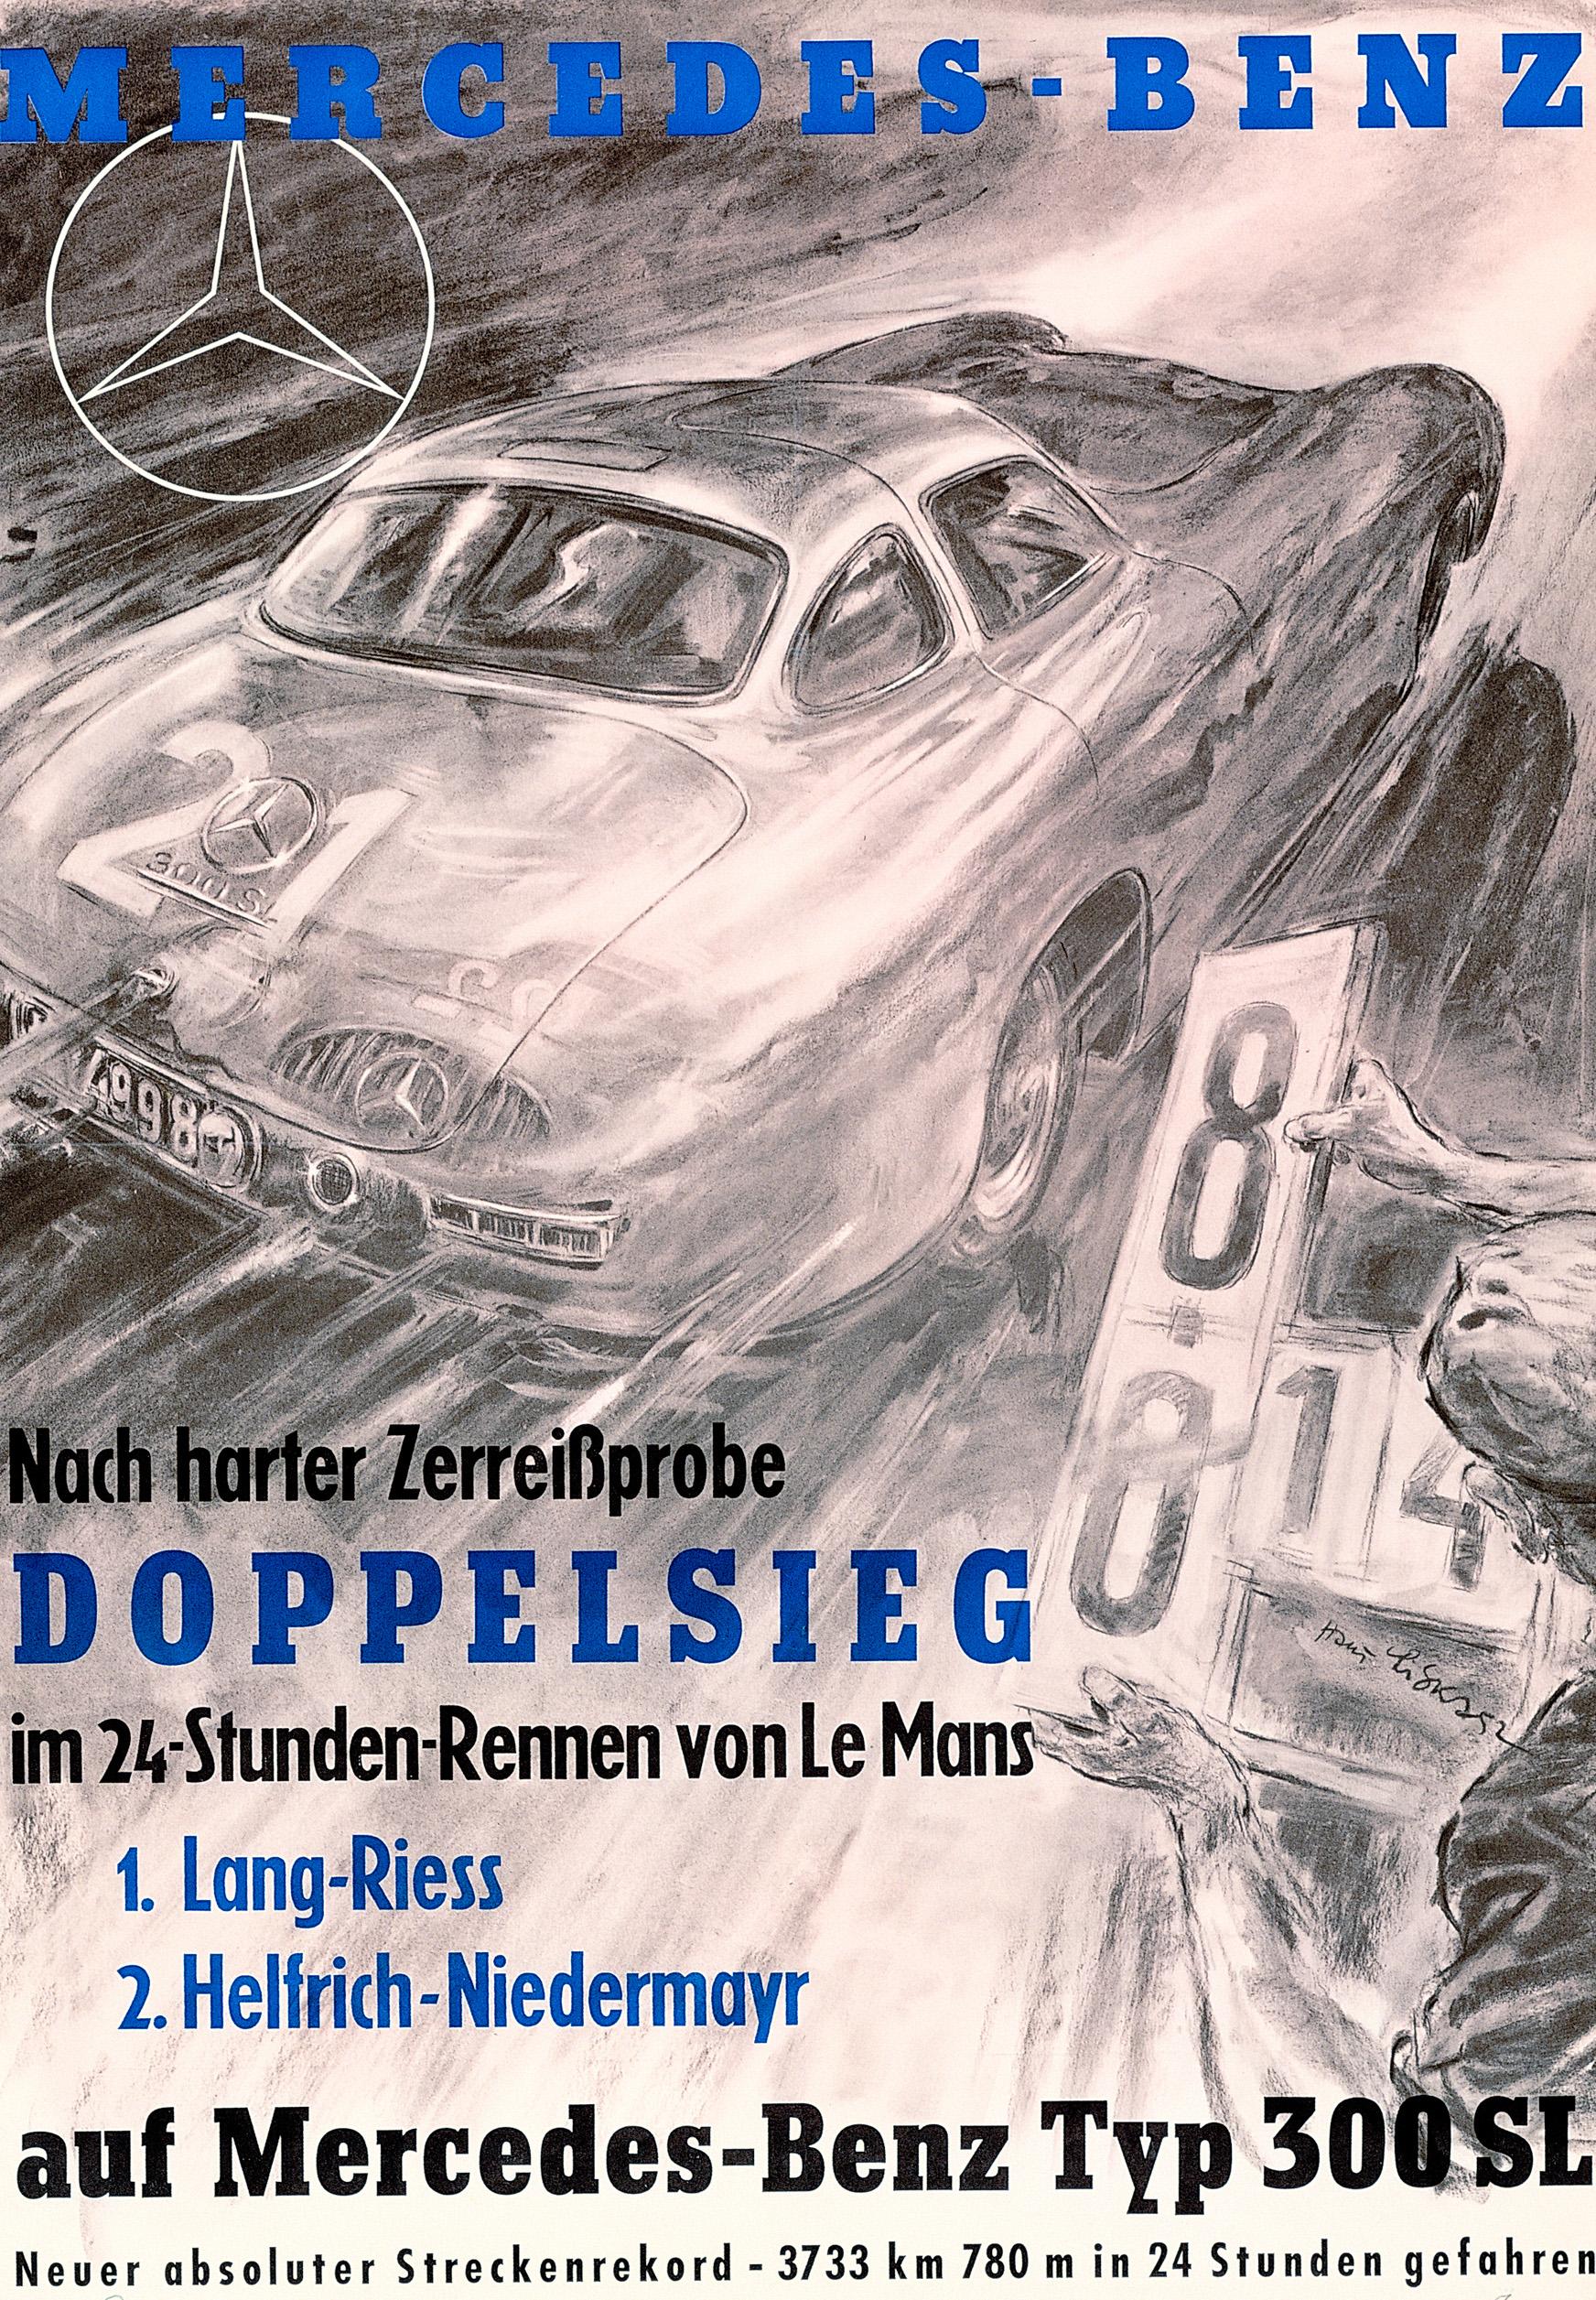 24 Stunden von Le Mans, 1952. Rennsportwagen Mercedes-Benz 300 SL (W 194). Rennplakat von Hans Liska.